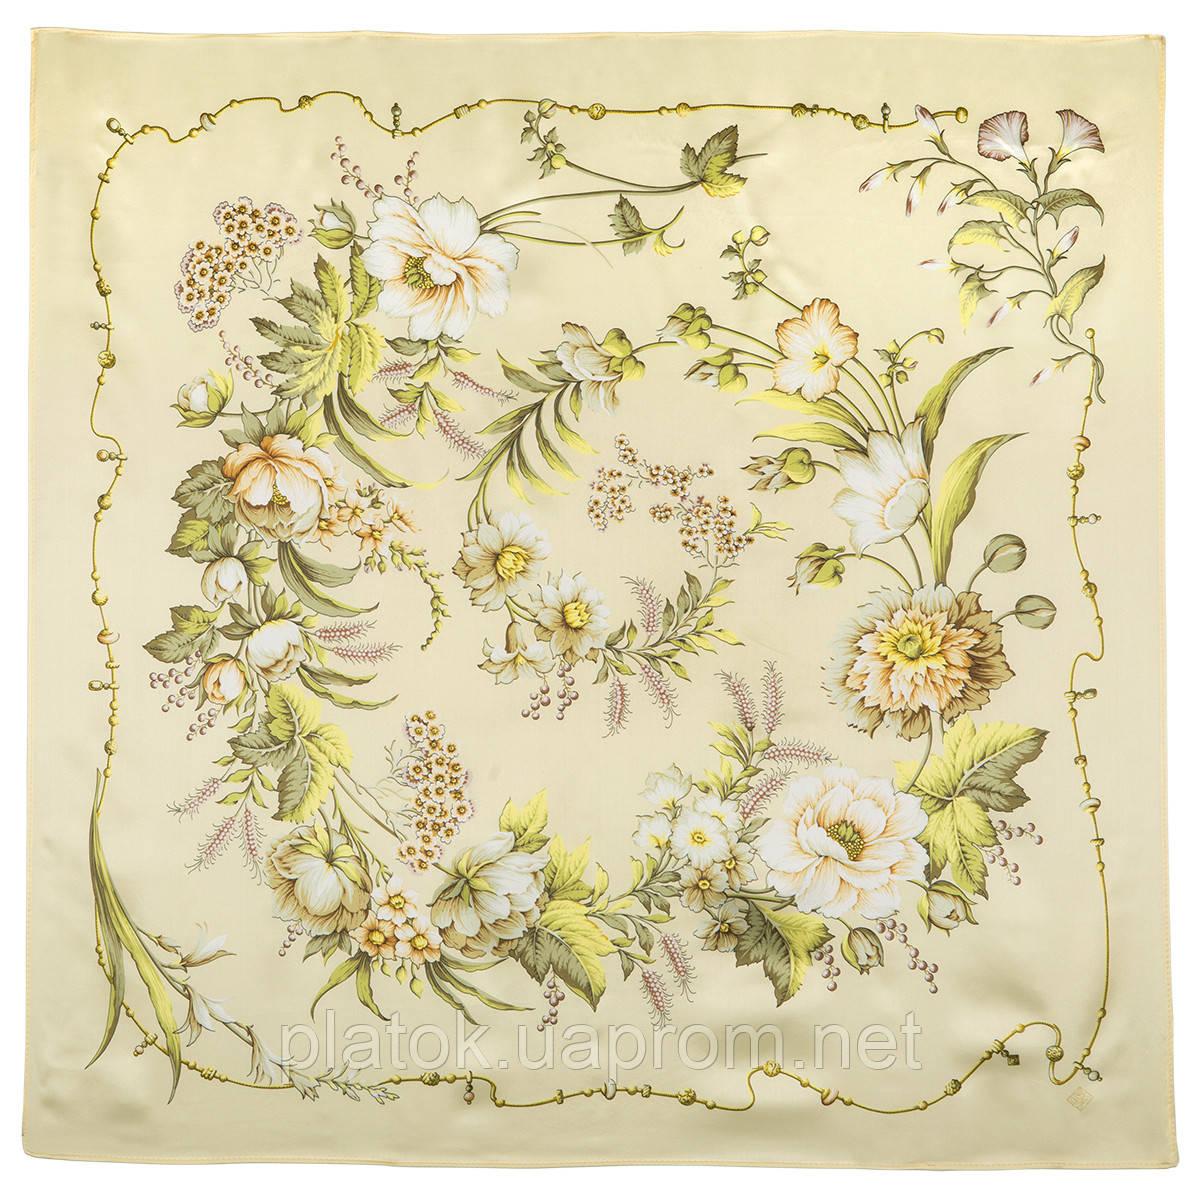 Белый танец 1455-2-, павлопосадский платок (атлас) шелковый с подрубкой